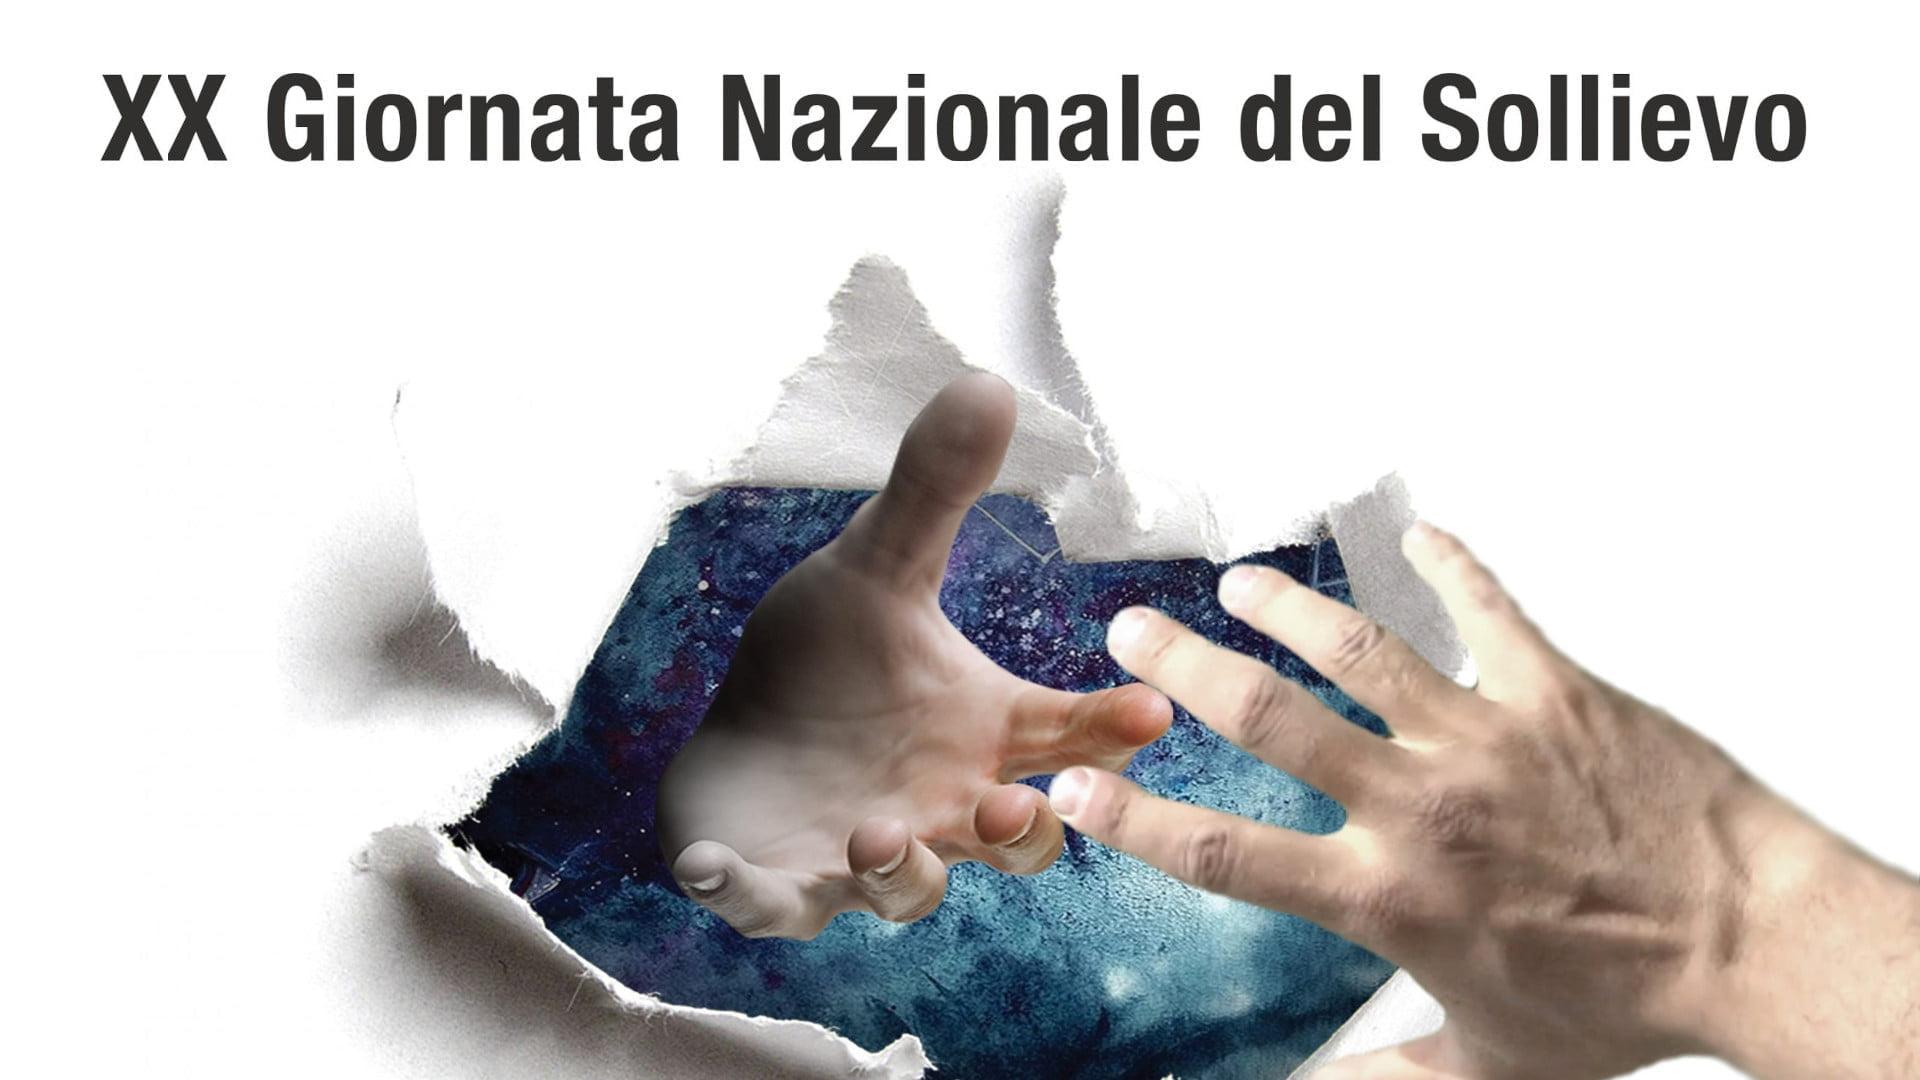 XX Giornata nazionale del sollievo